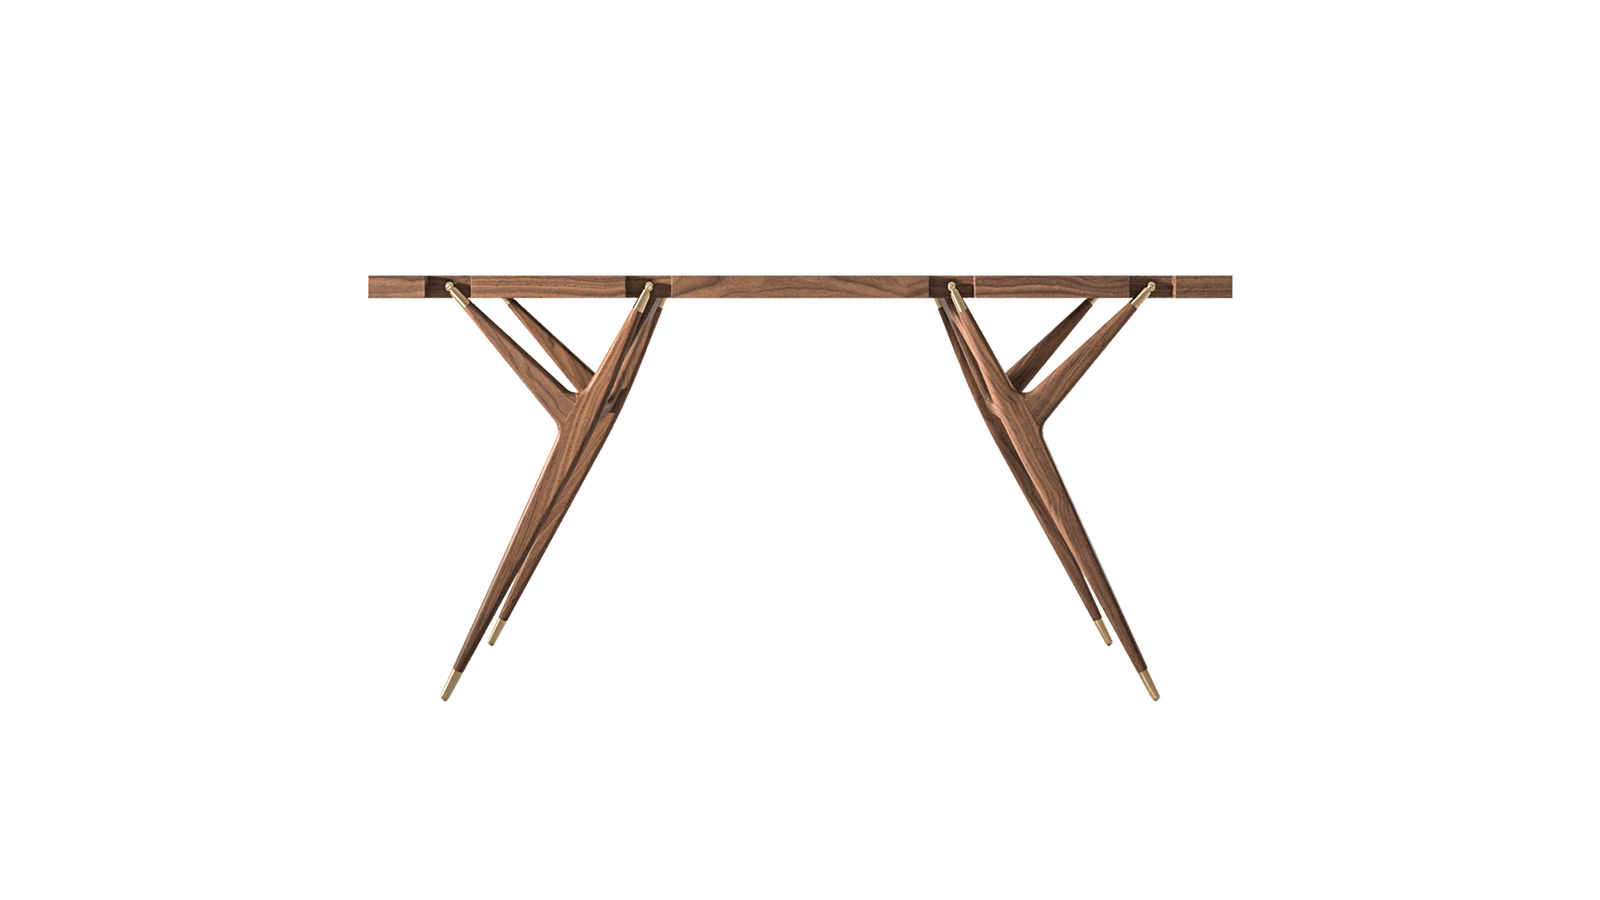 Ico Parisi 1947-ben tervezte egy megrendelőjének ezt a különleges konzolasztalkát, ami ebben az évben kezdett gyártani a Cassina. Különleges biomorf, faágakat imitáló szerkezete, y-alakú lábai igazi kihívást jelentettek az asztalos csapatnak, és az eredmény tökéletes lett. Bár az asztal karakteres, valódi egyéniség, mégis minden helyiségben el lehet képzelni. Kőris- és diófából rendelhető, amihez jól illenek a kis fém kiegészítők, a lábak végein.